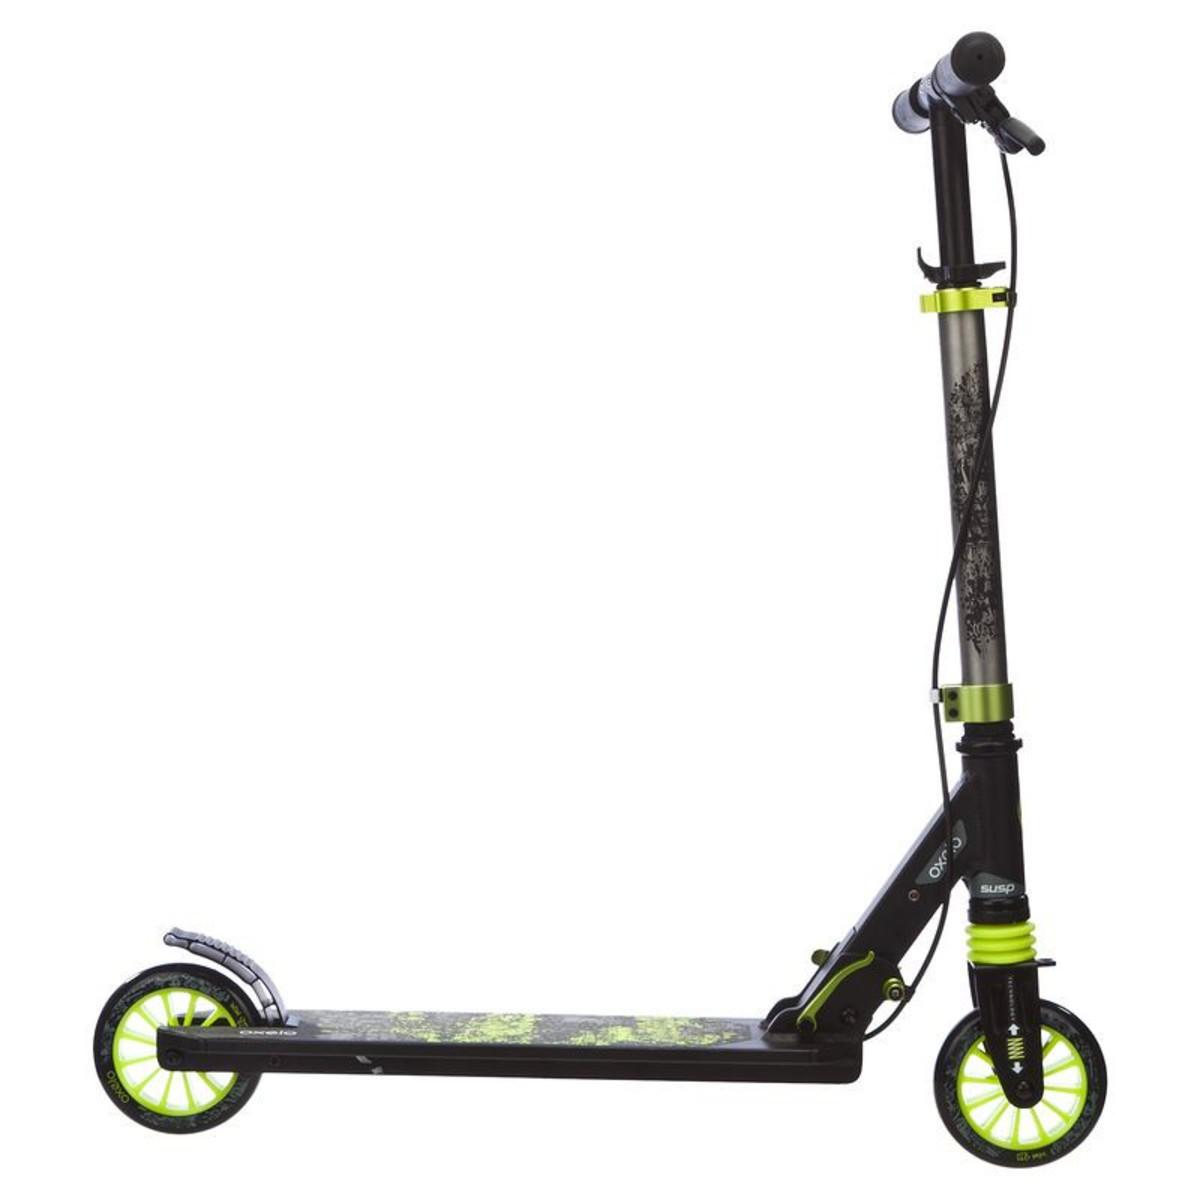 city roller scooter mid 5 easybrake kinder gr n grau oxelo. Black Bedroom Furniture Sets. Home Design Ideas